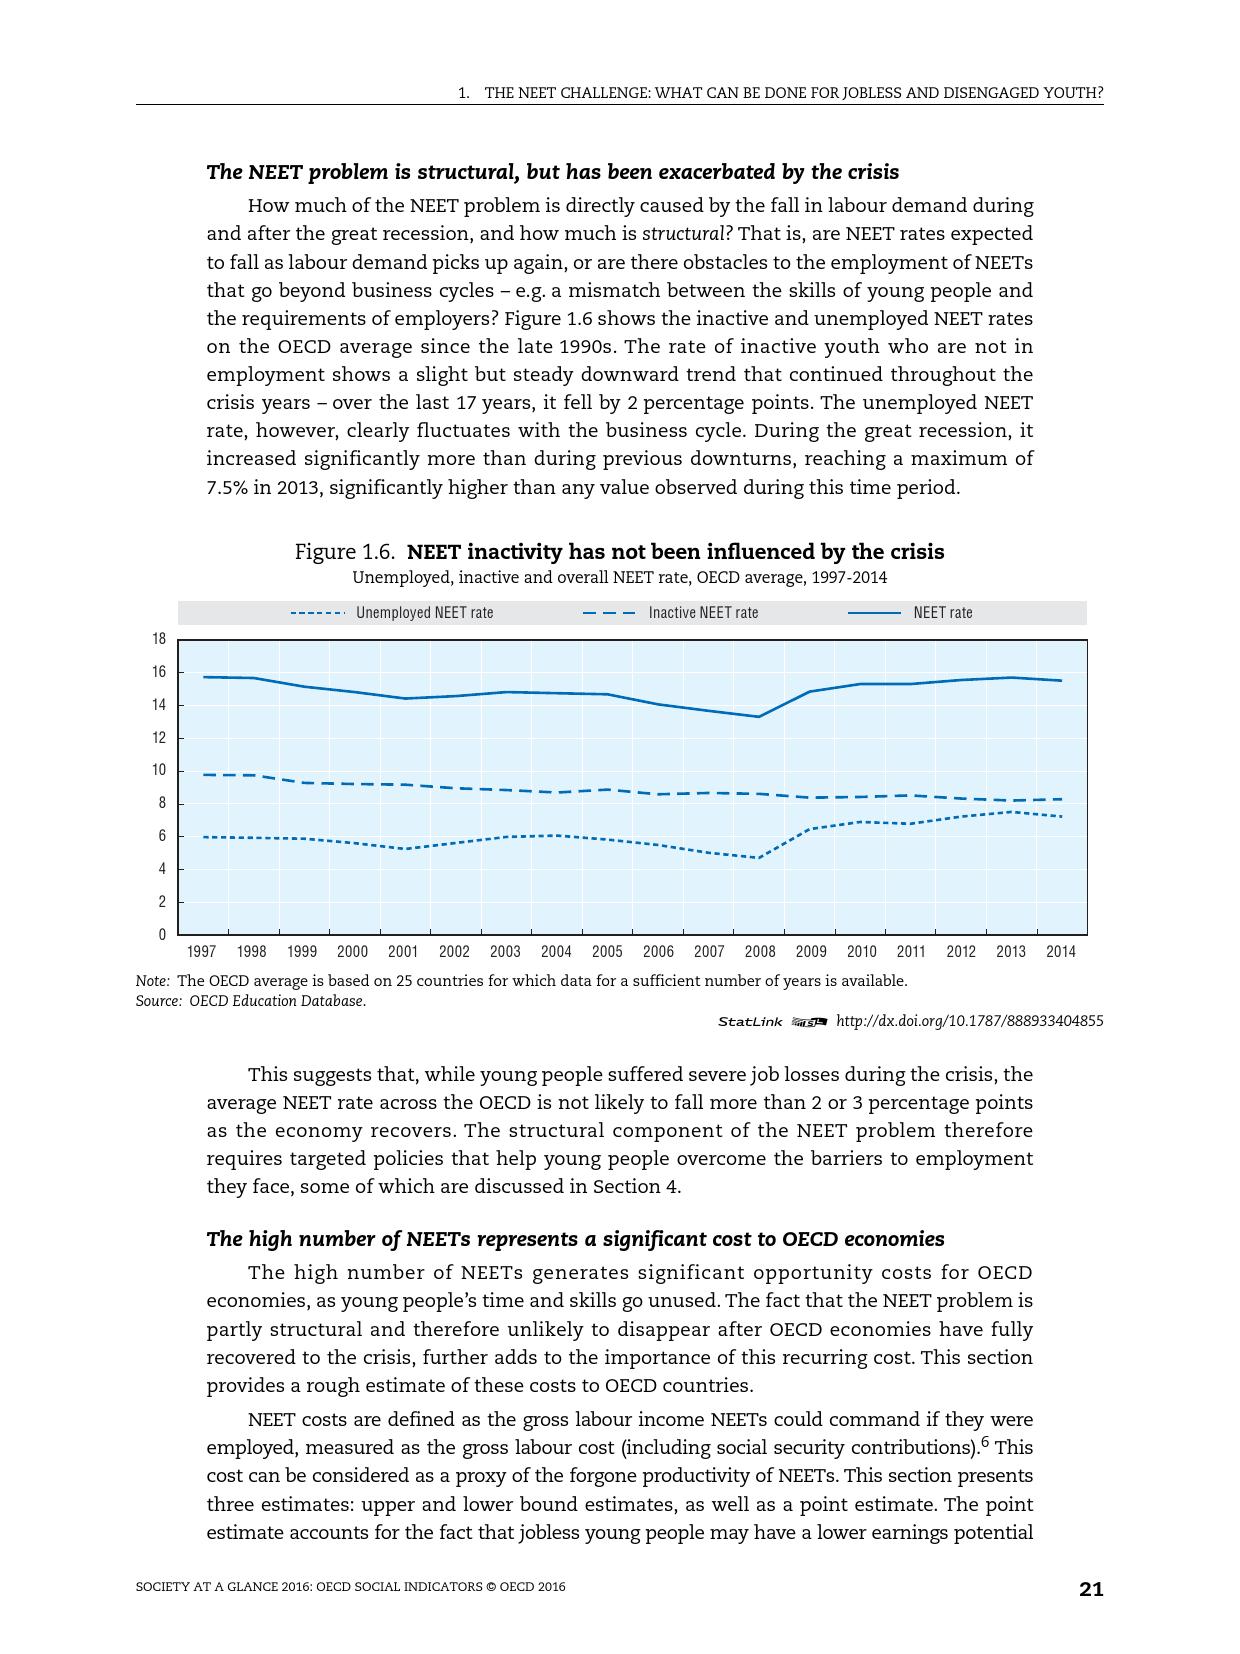 2016年OECD国家社会概览报告_000023